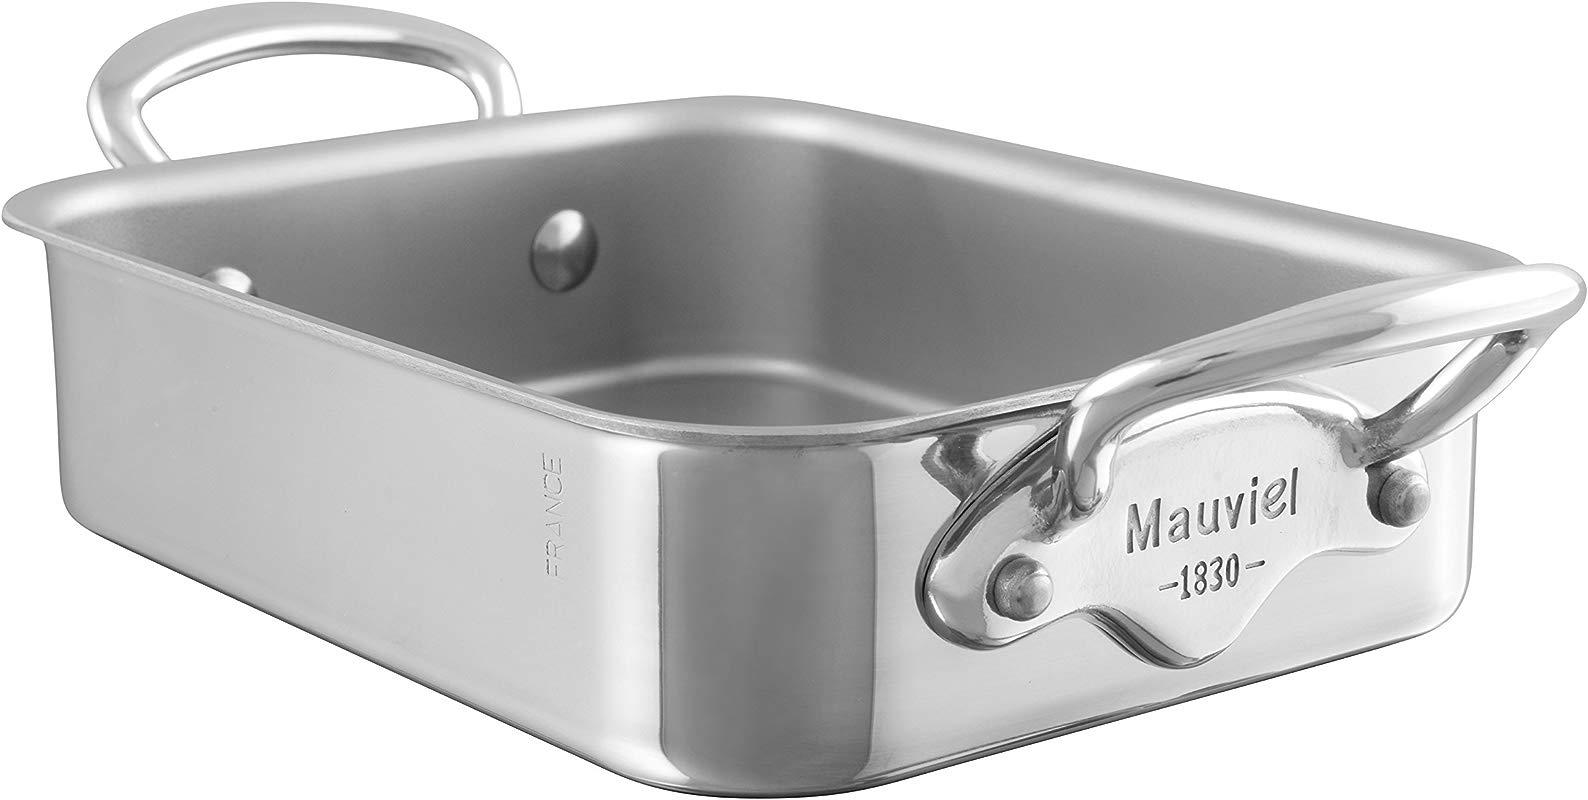 Mauviel M Mini SS Rectangular Roasting Pan 5 5 X 3 9 X 1 8